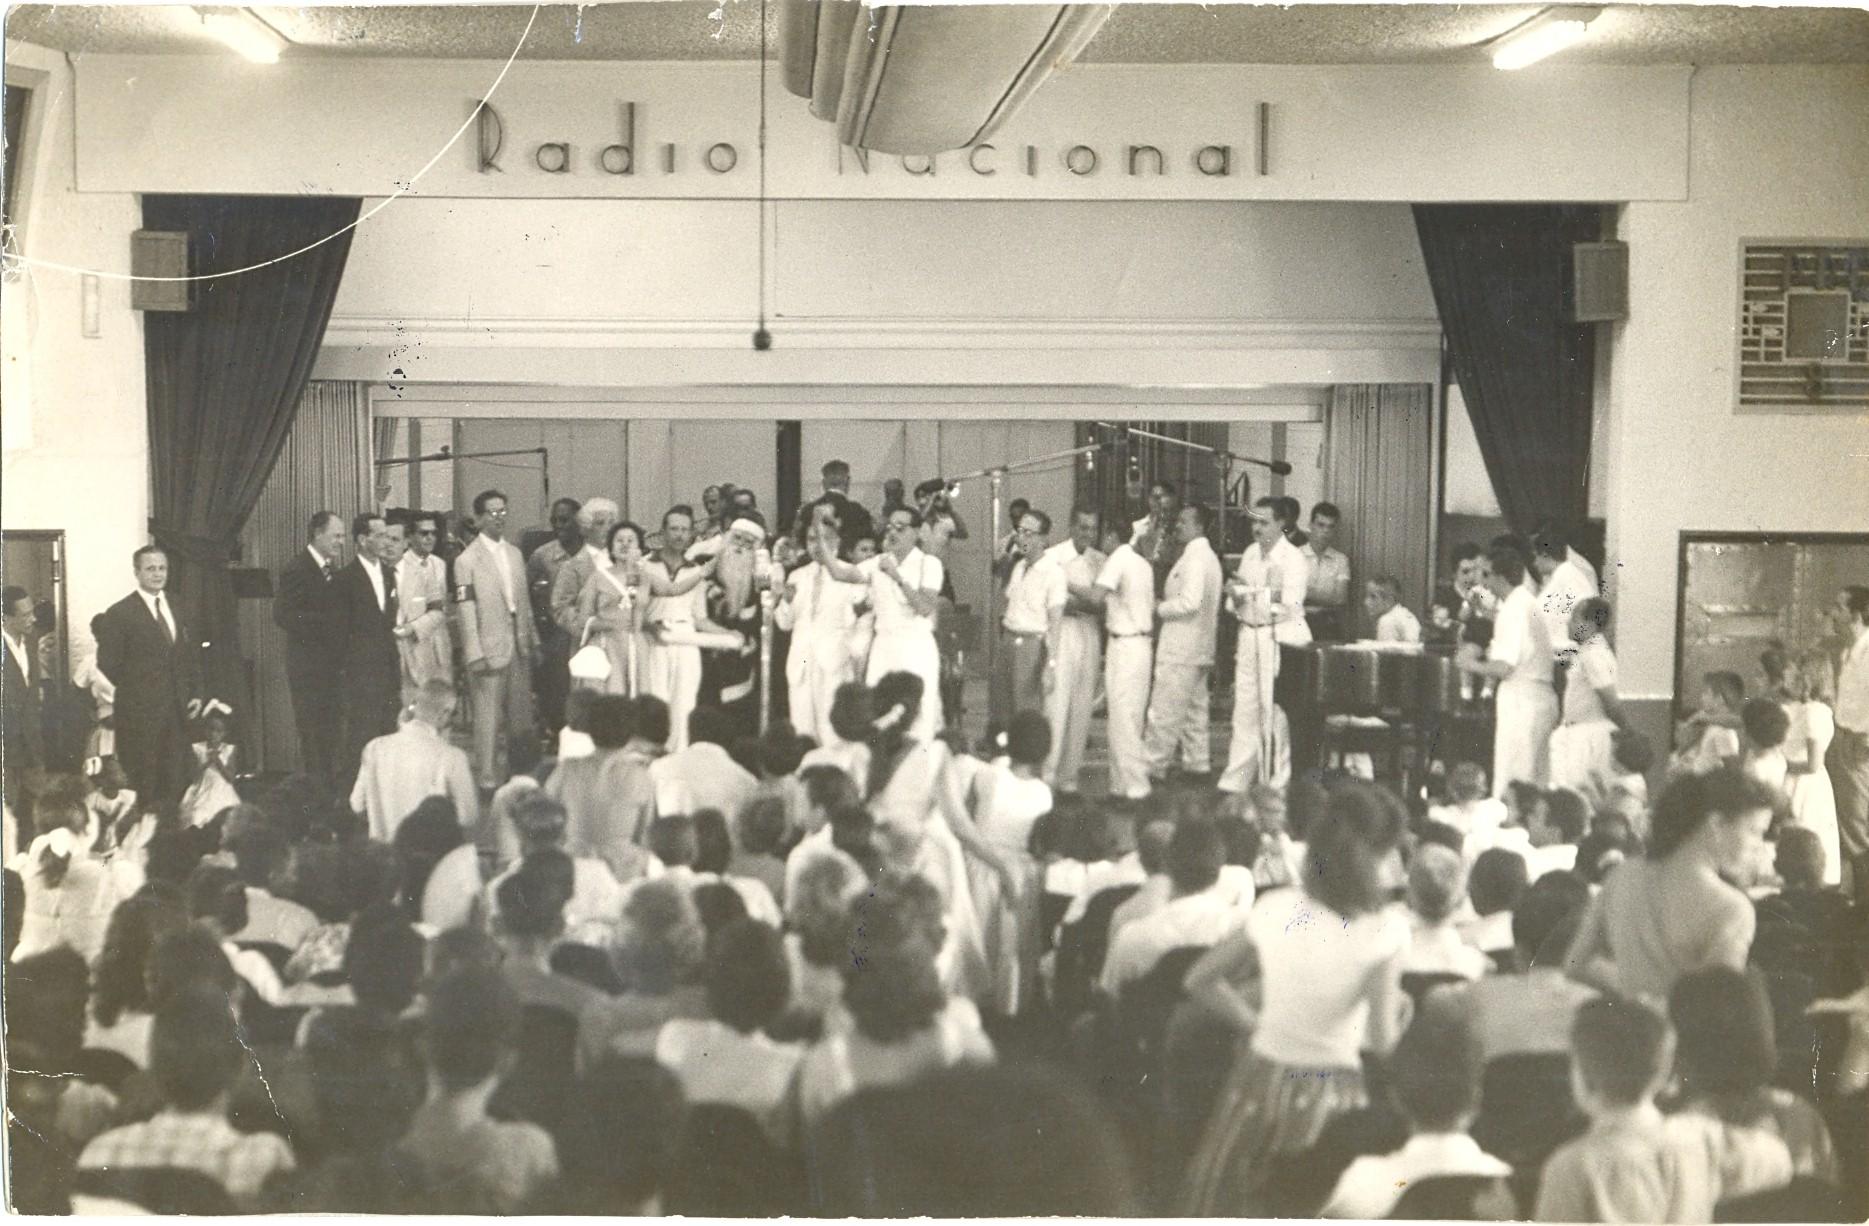 Auditório da Rádio Nacional nos anos 50